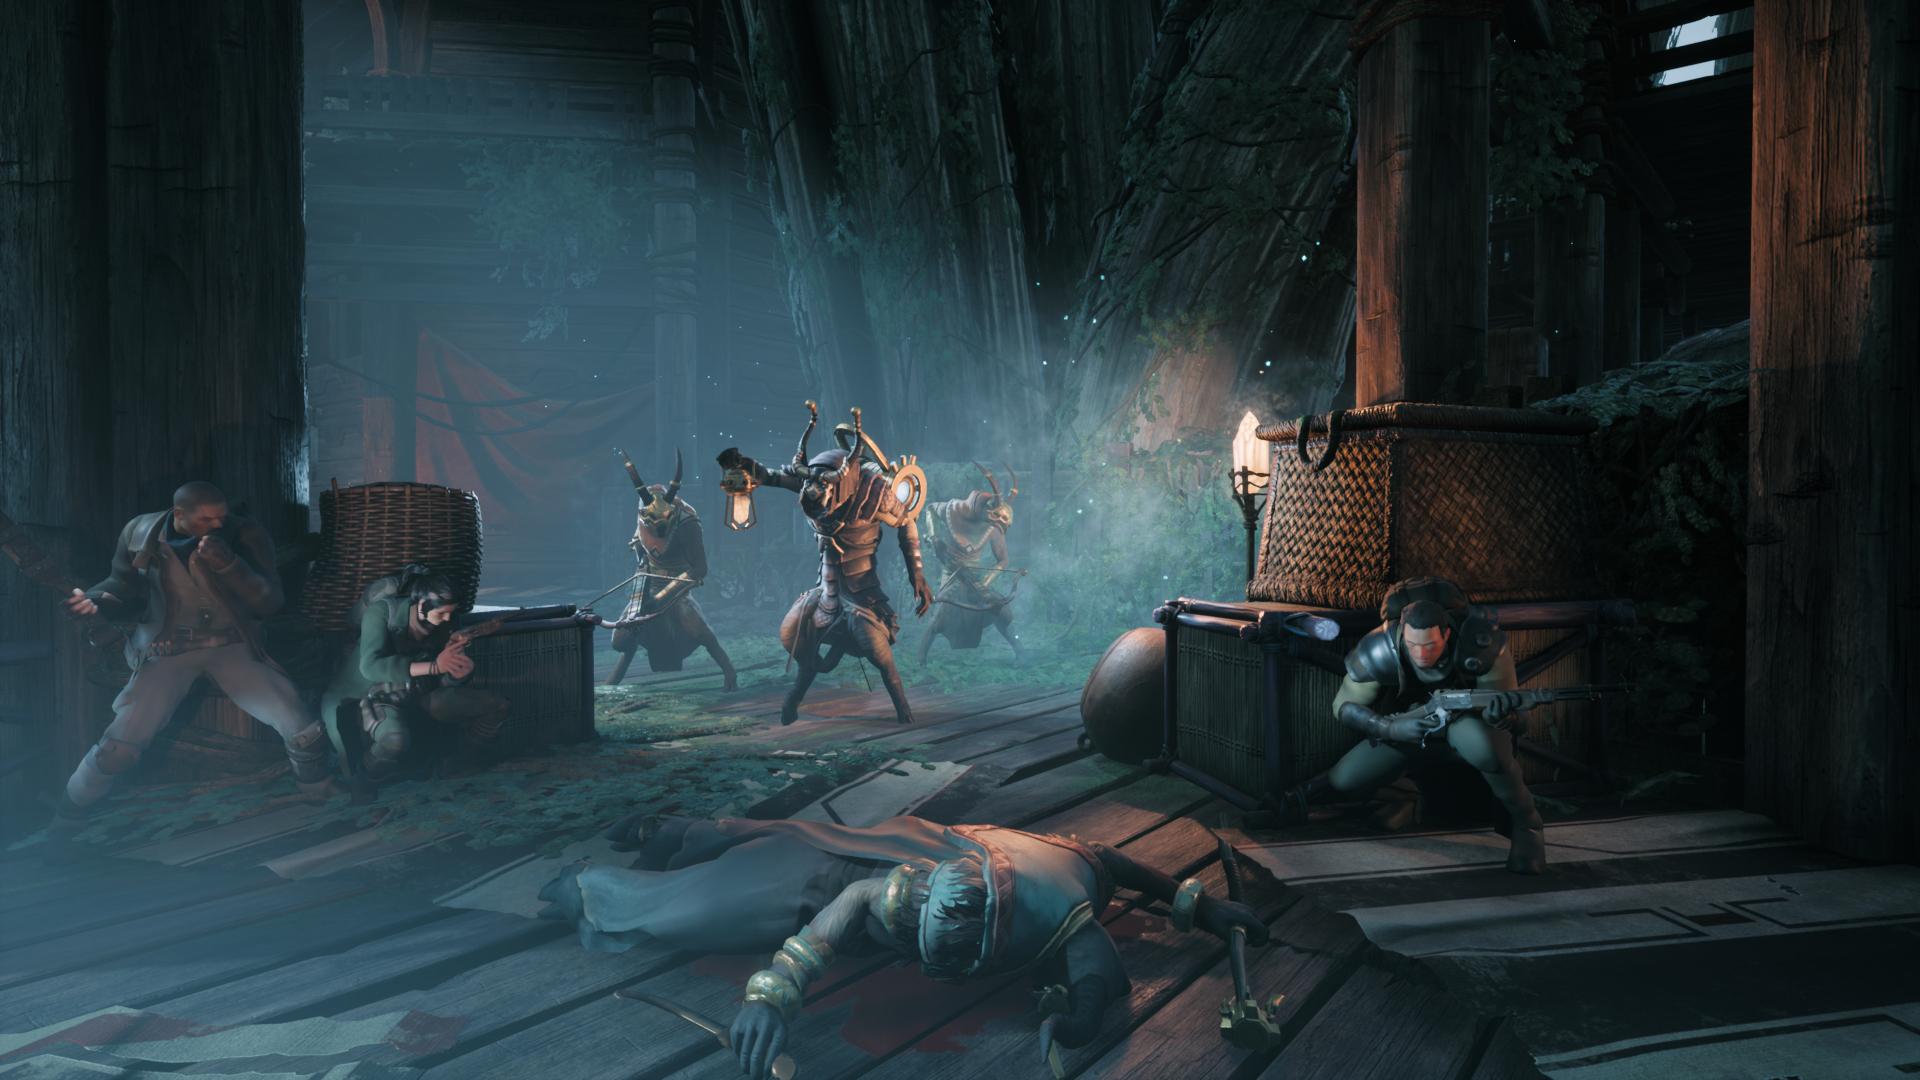 《遗迹:灰烬重生》实体版将于3月17日发售 售价40美元